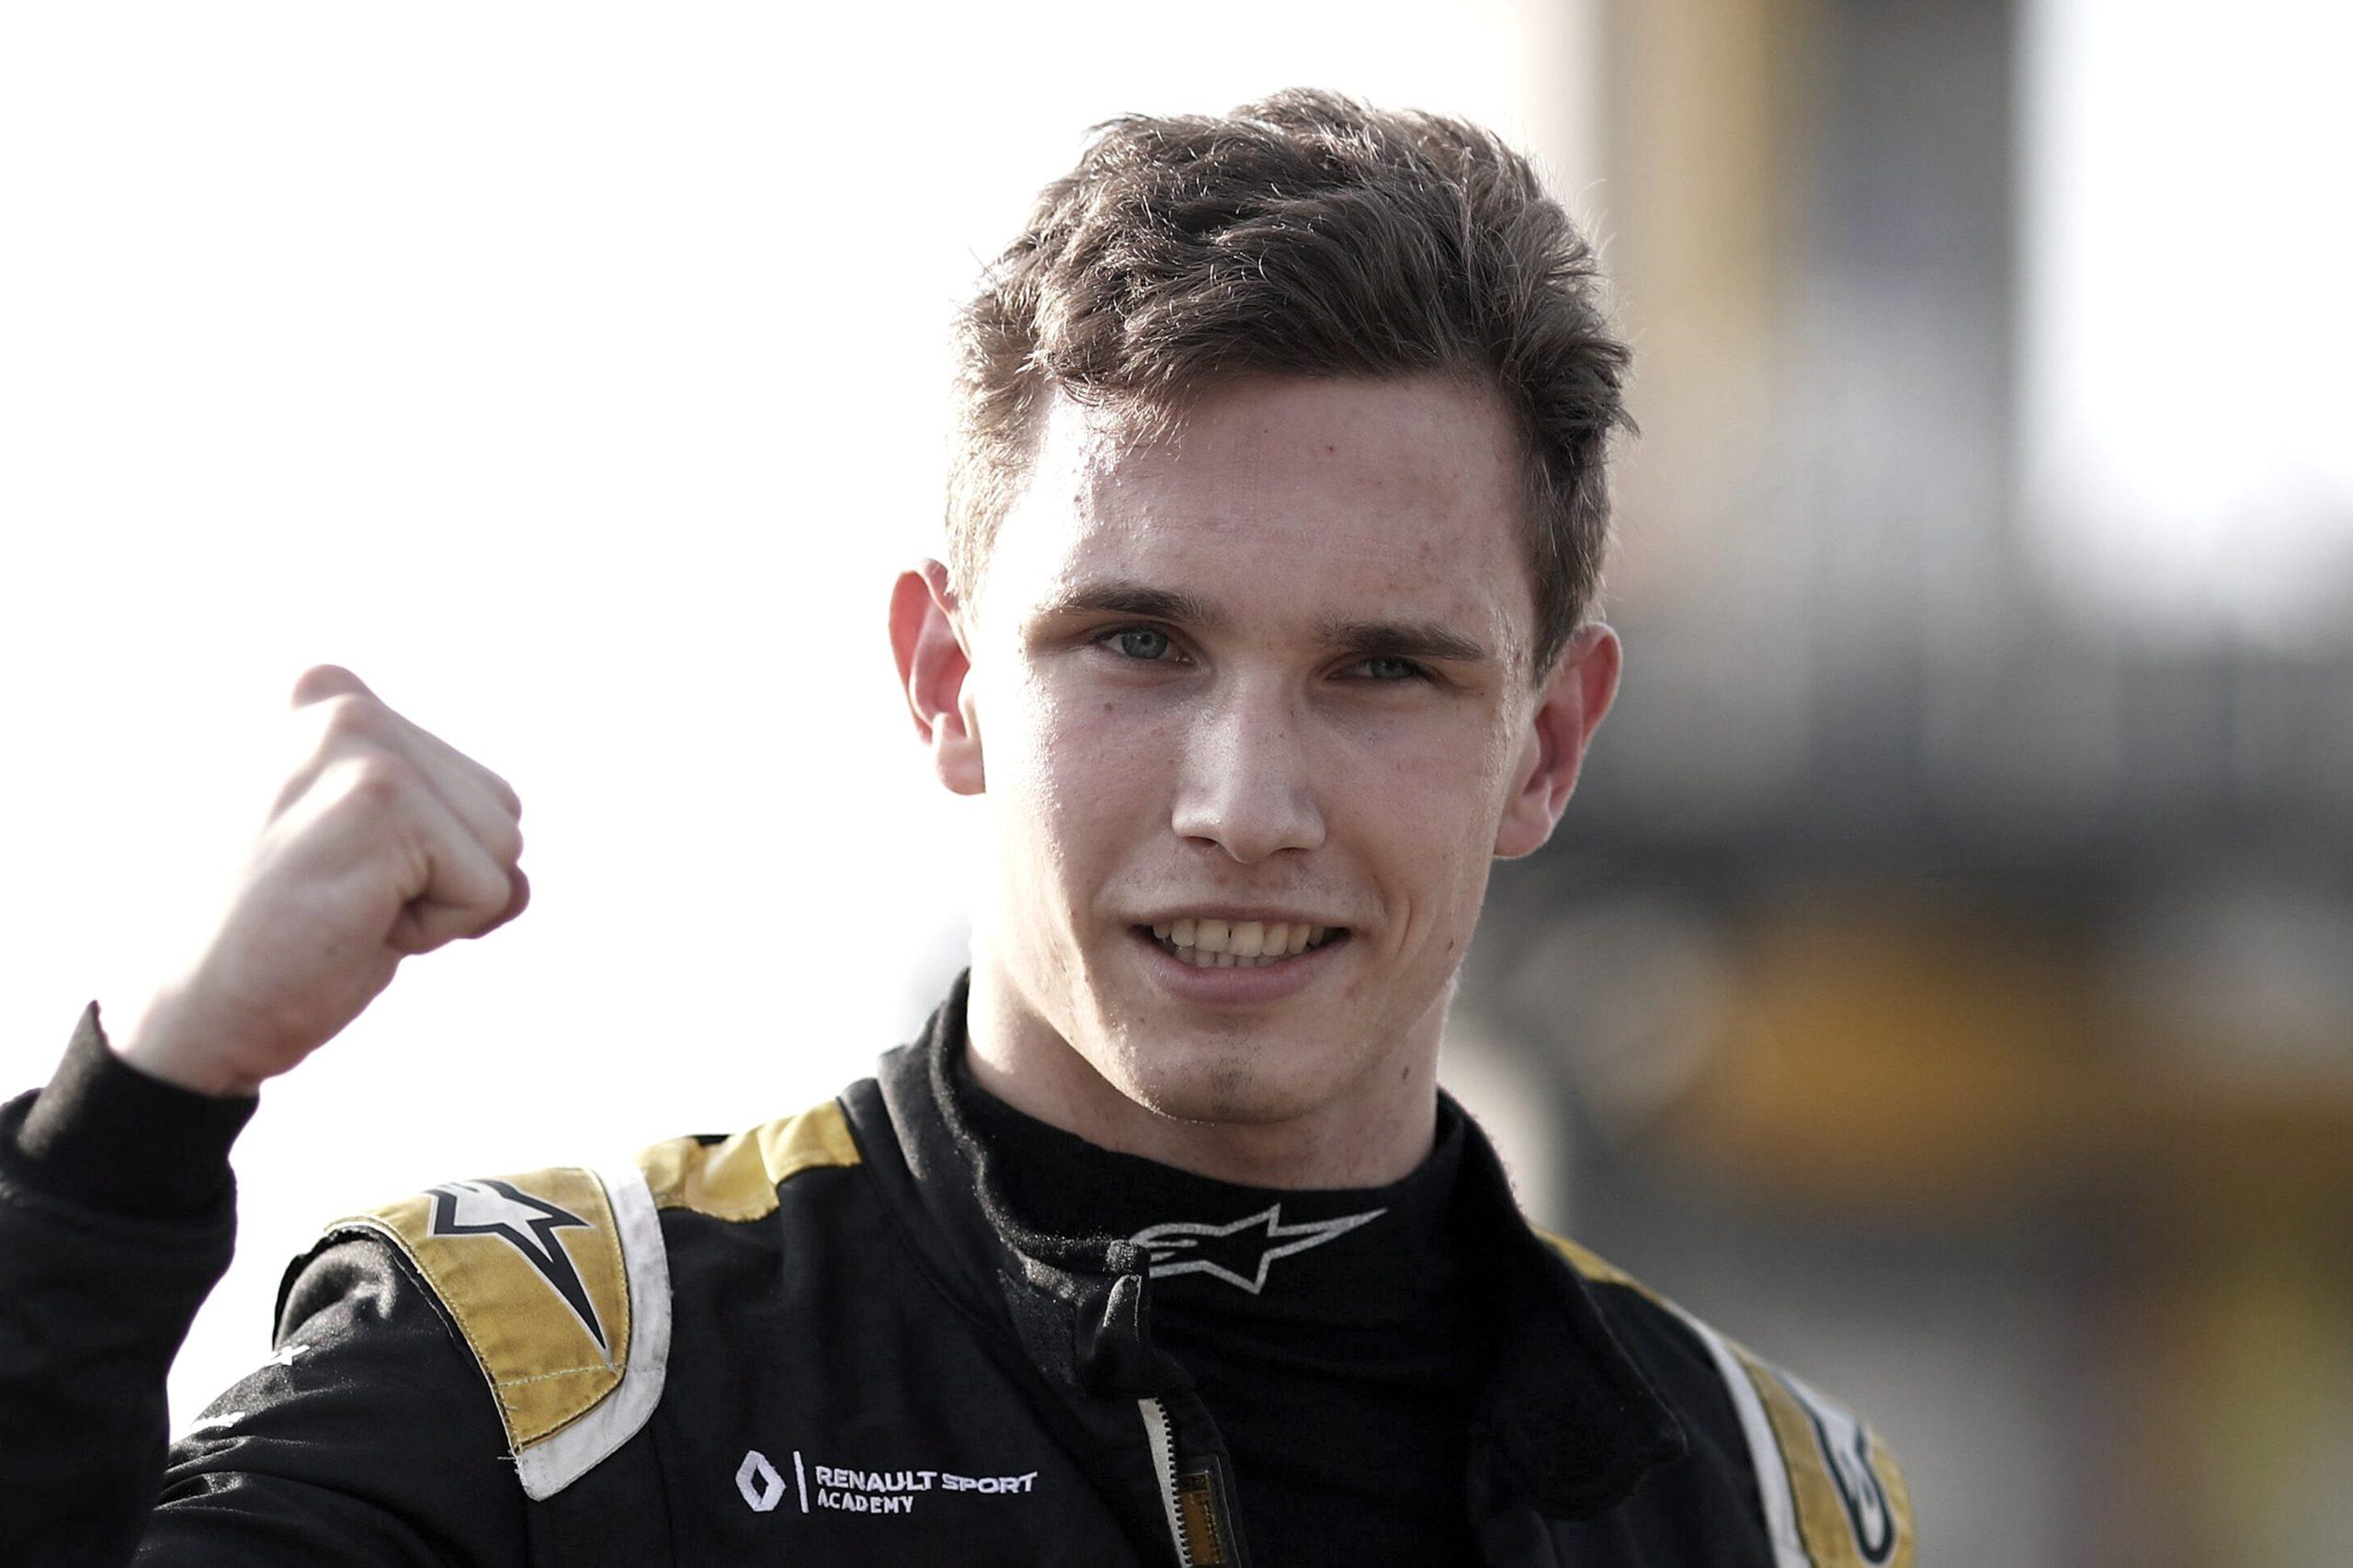 ART Grand Prix renouvelle sa confiance à Christian Lundgaard pour le championnat FIA F2 2021